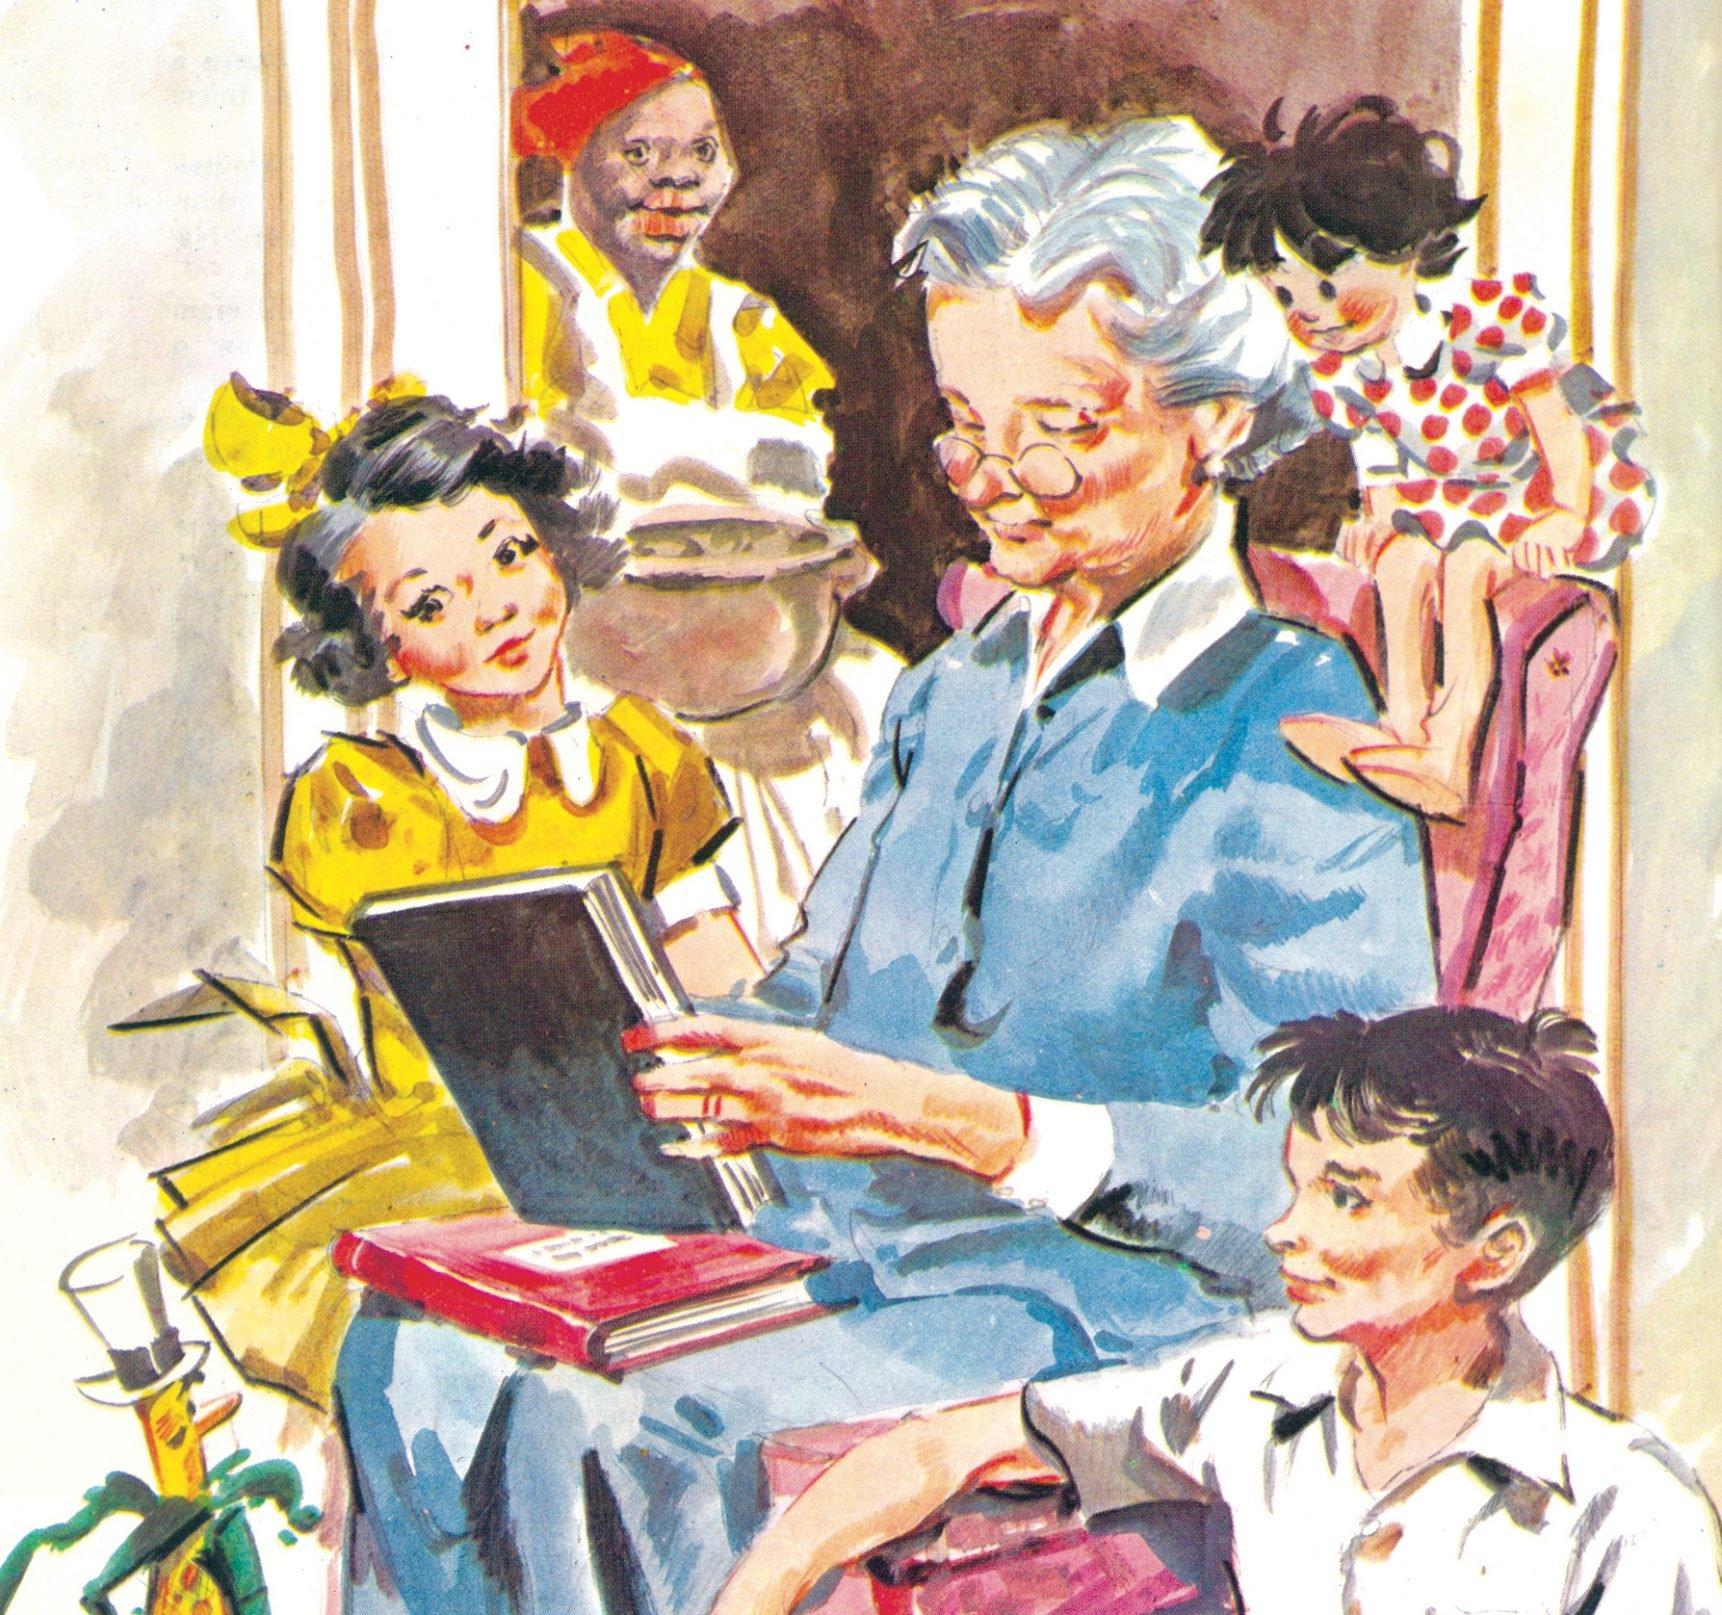 Ilustração do Sítio do Pica-Pau Amarelo.